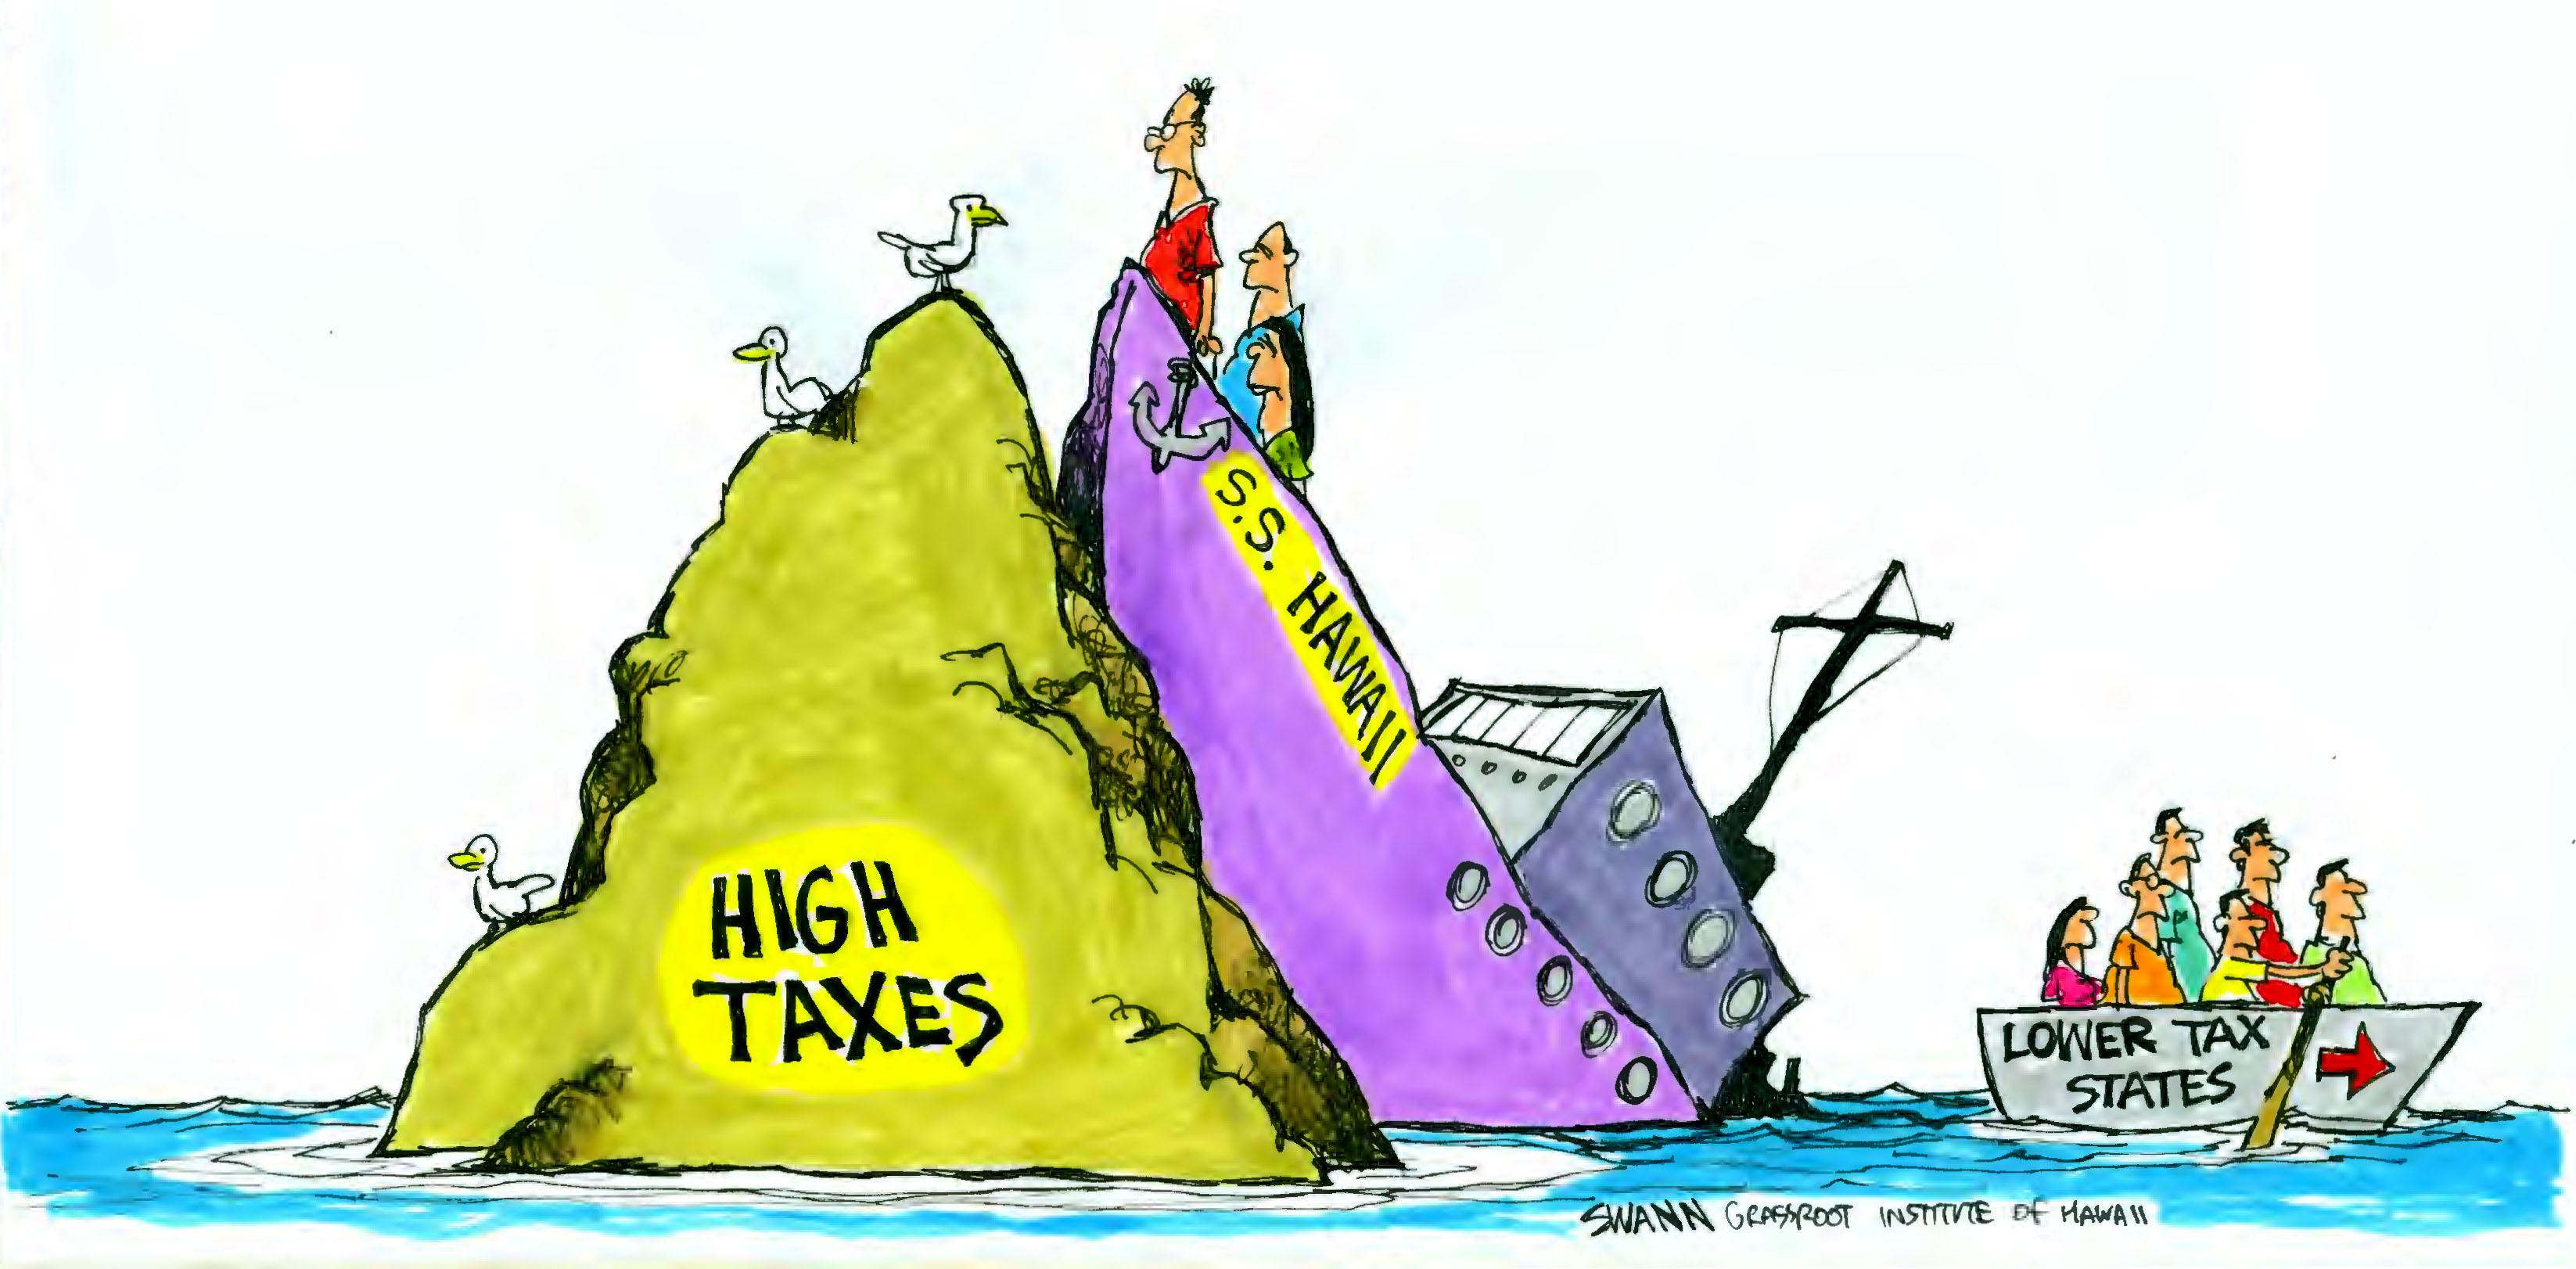 Locals flee Hawaii's high taxes